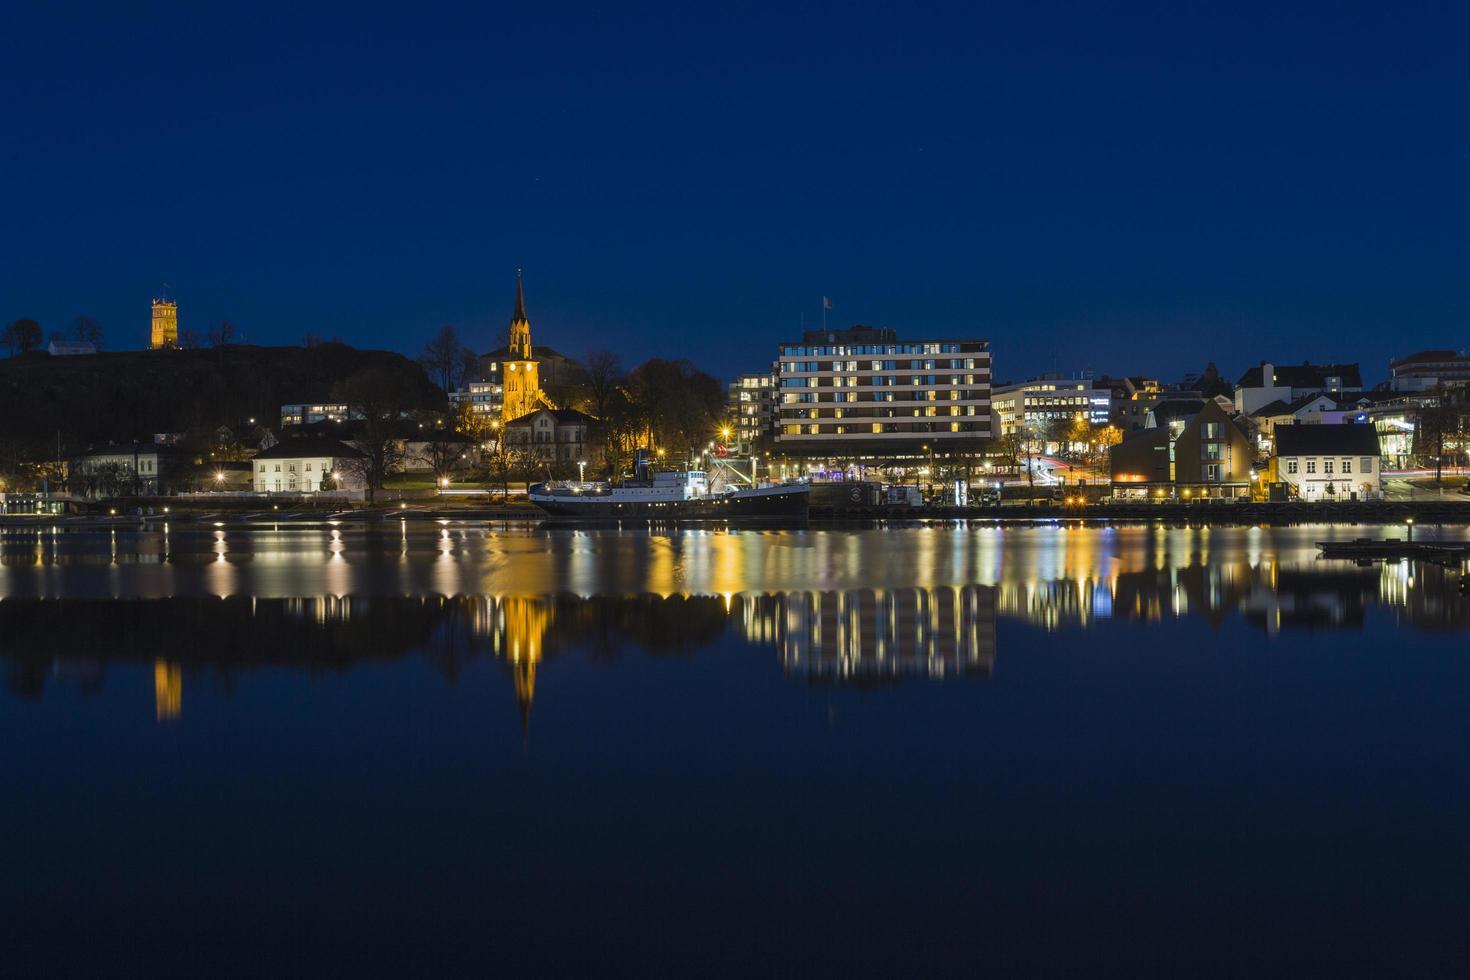 horizonte de la ciudad frente al mar en la noche foto